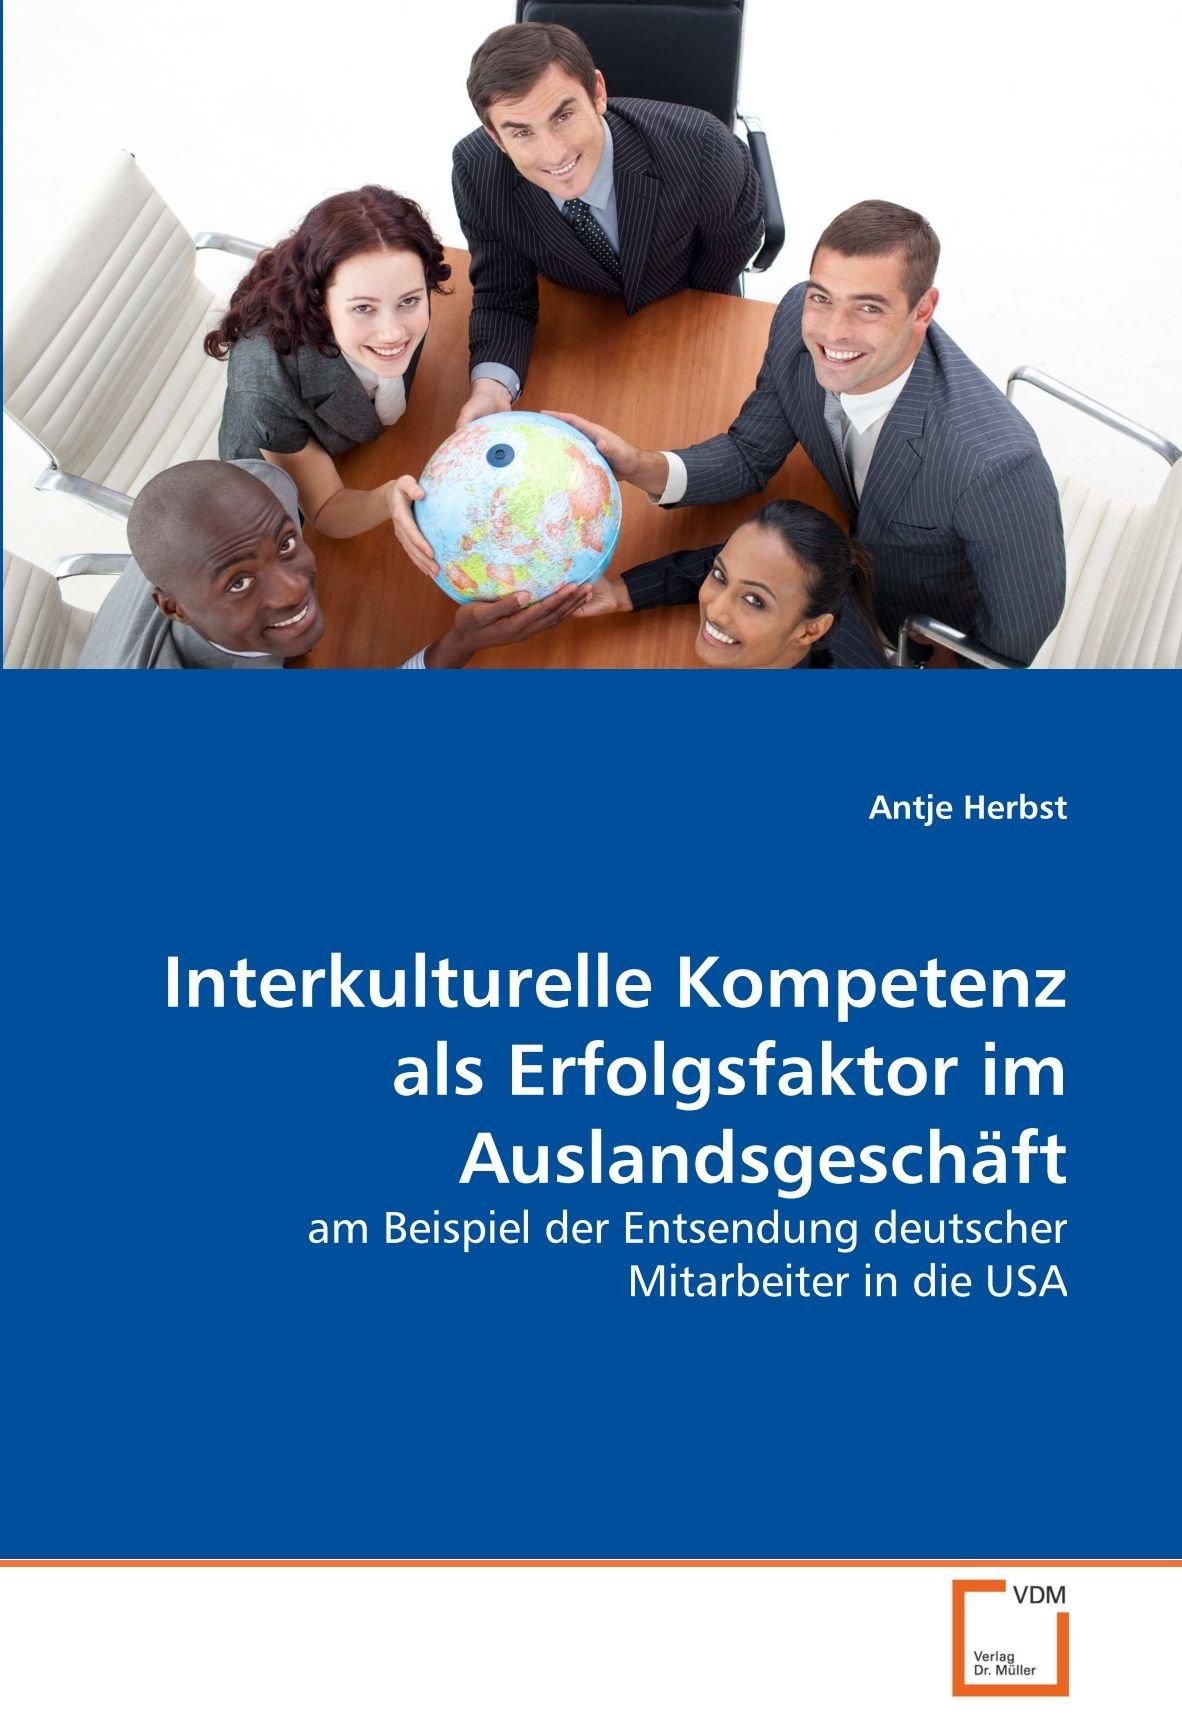 Interkulturelle Kompetenz als Erfolgsfaktor im Auslandsgeschäft: am Beispiel der Entsendung deutscher Mitarbeiter in die USA